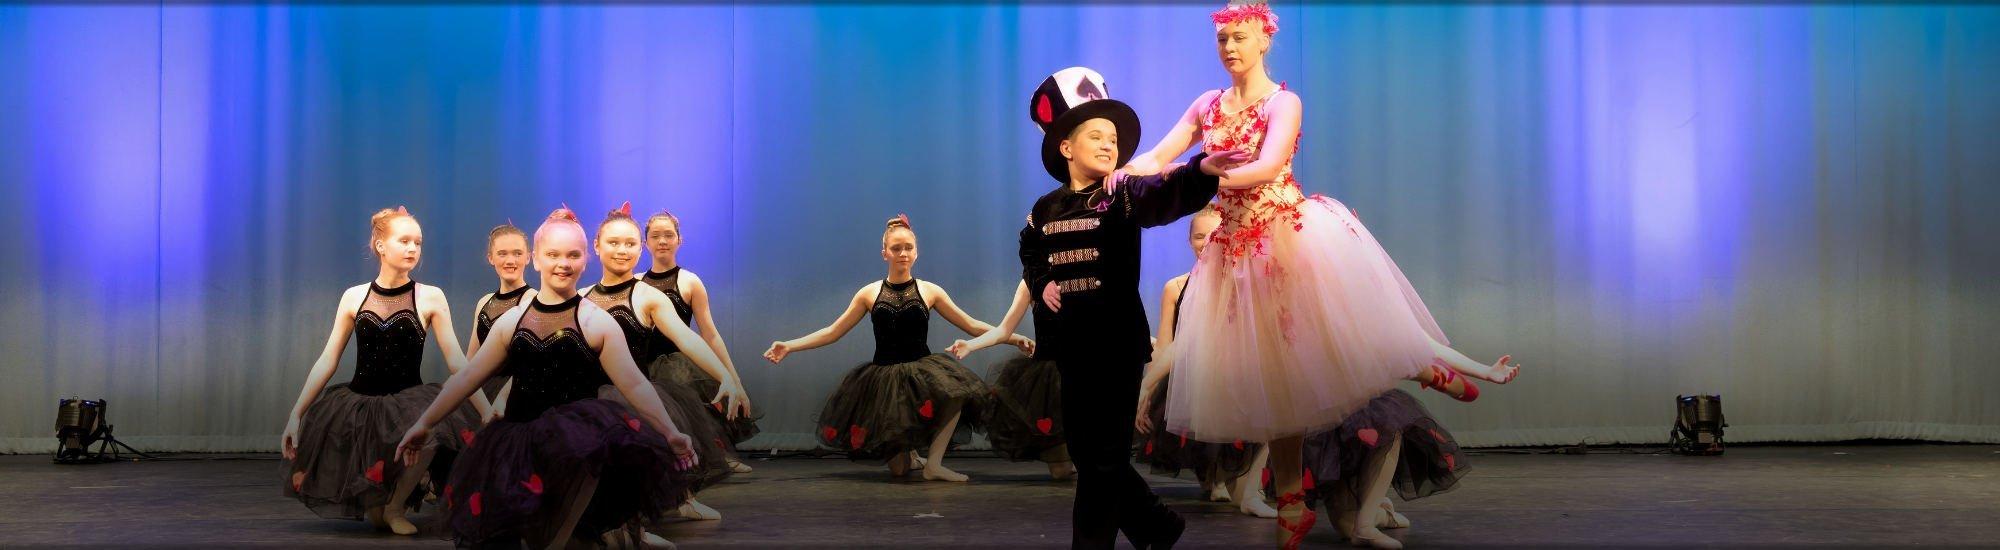 Dance Lessons Tolland Connecticut